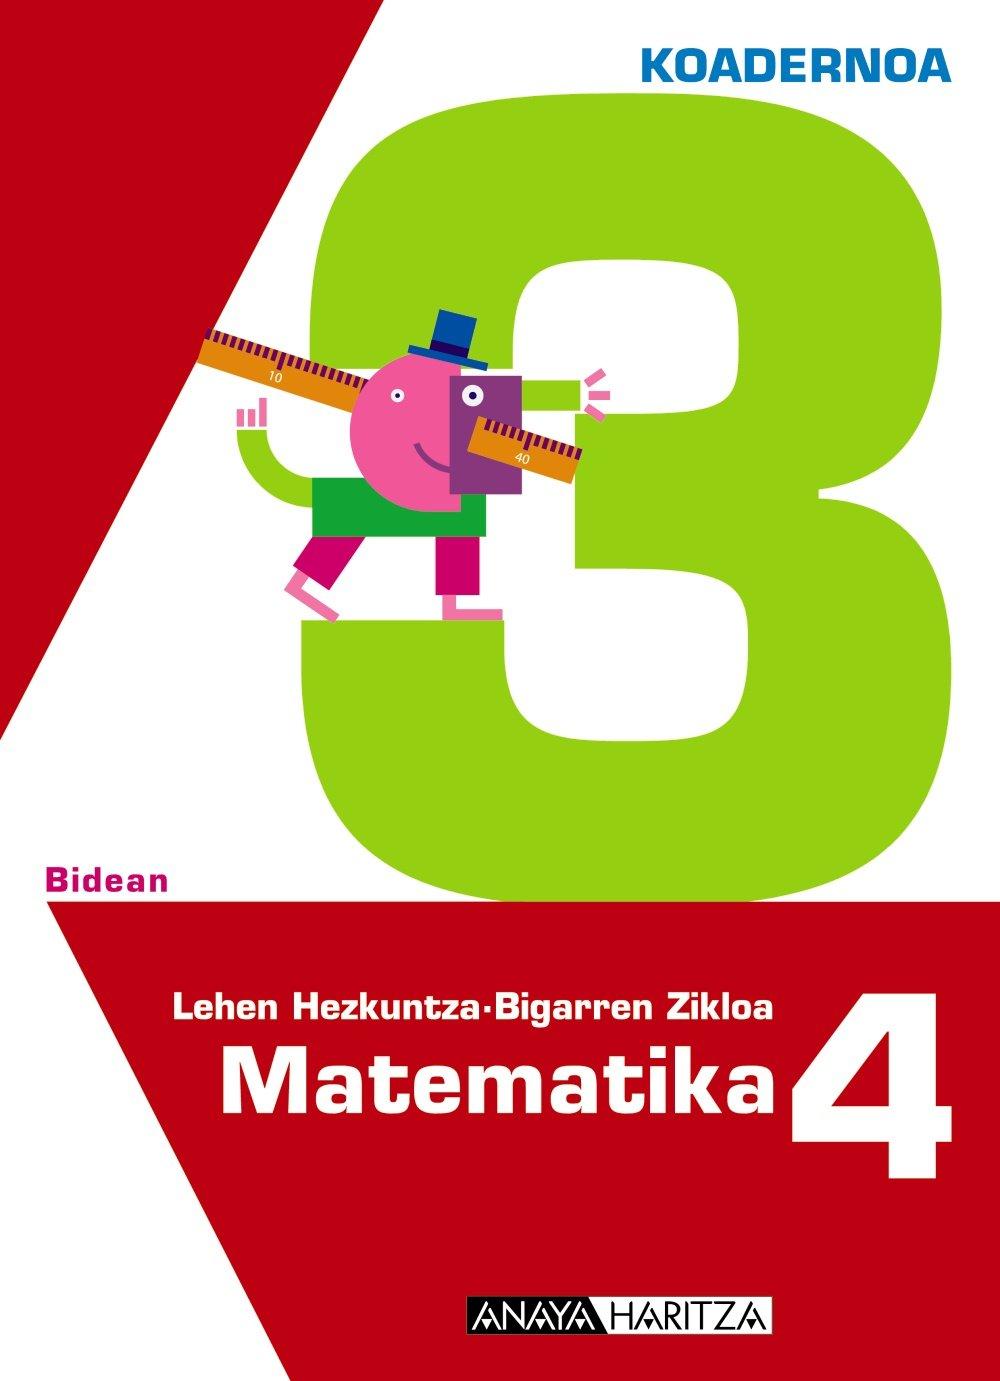 Matematika 4. 3 koadernoa. (Bidean) (Euskera) Tapa blanda – 19 jul 2012 Luis Ferrero de Pablo Anaya Haritza 8467821655 YQ